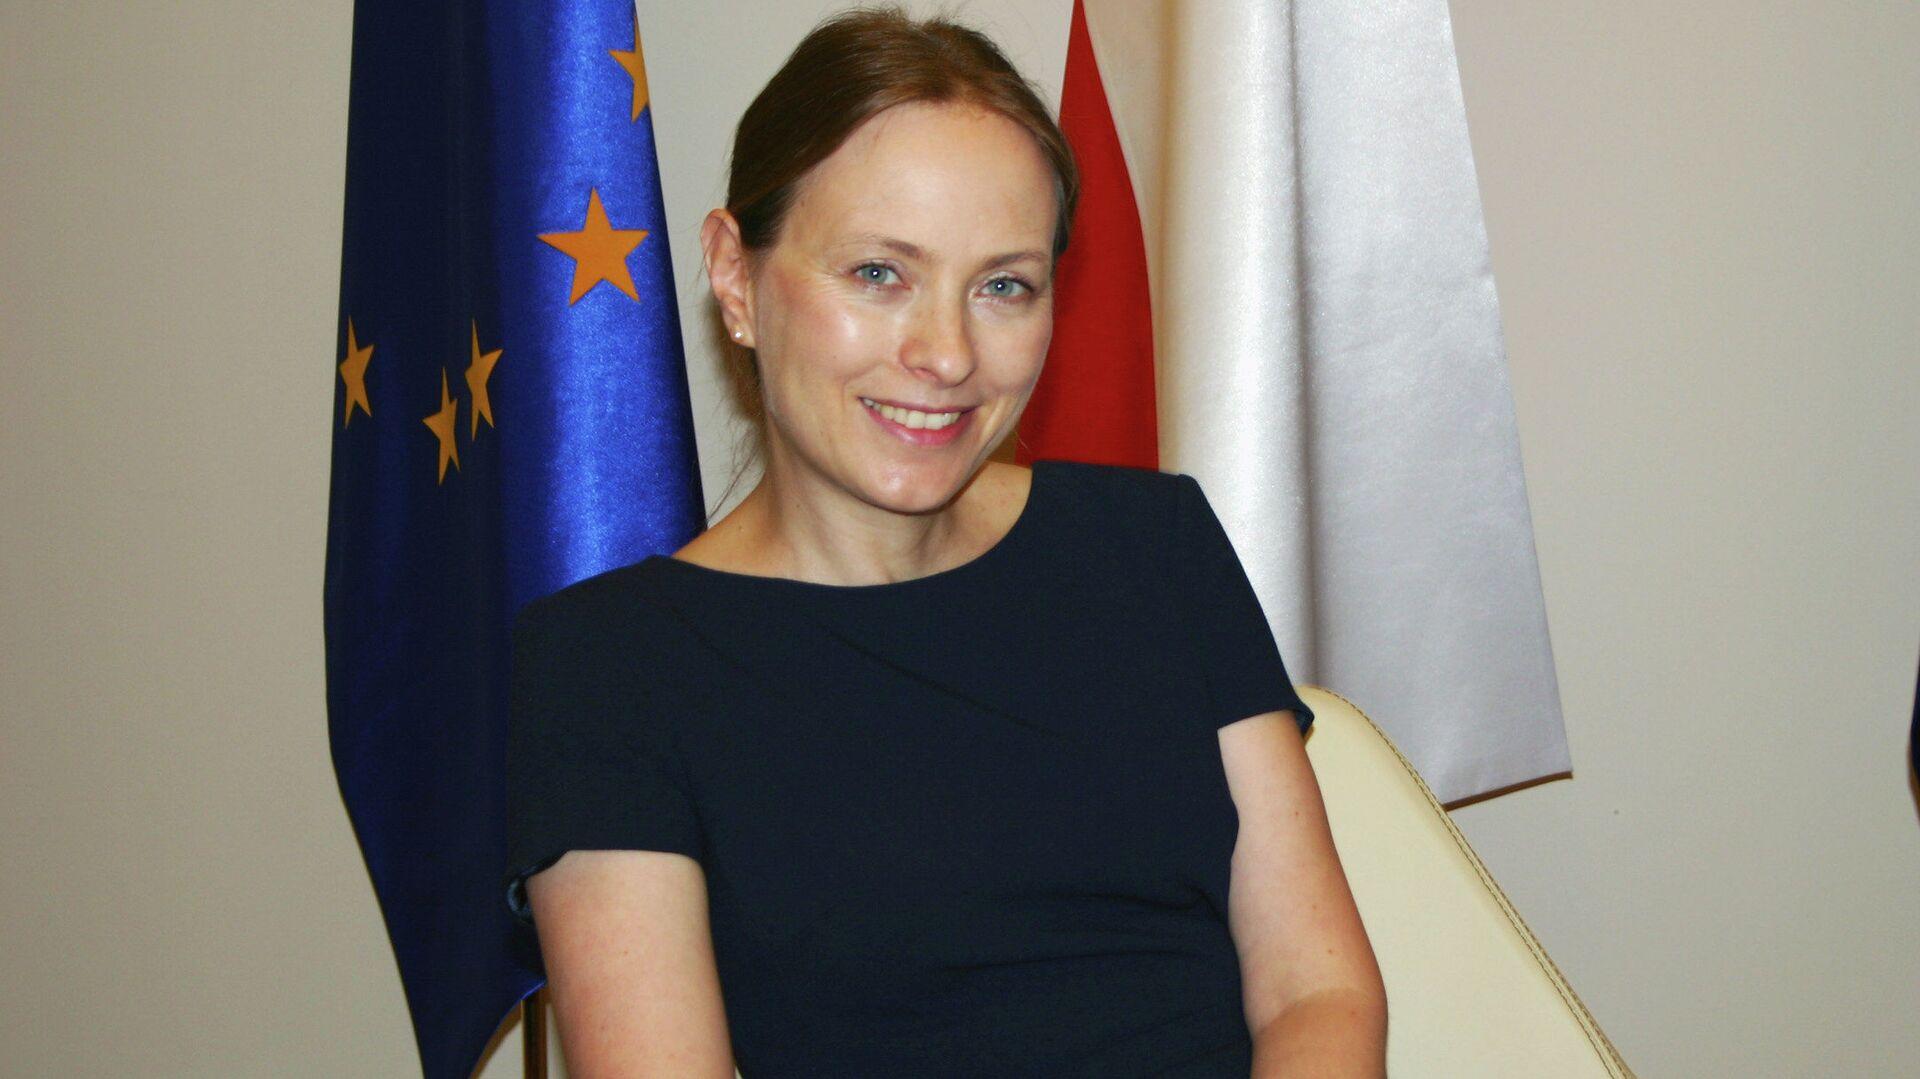 Ambasador Polski w Rosji (2014-2016) Katarzyna Pełczyńska-Nałęcz  - Sputnik Polska, 1920, 10.09.2021